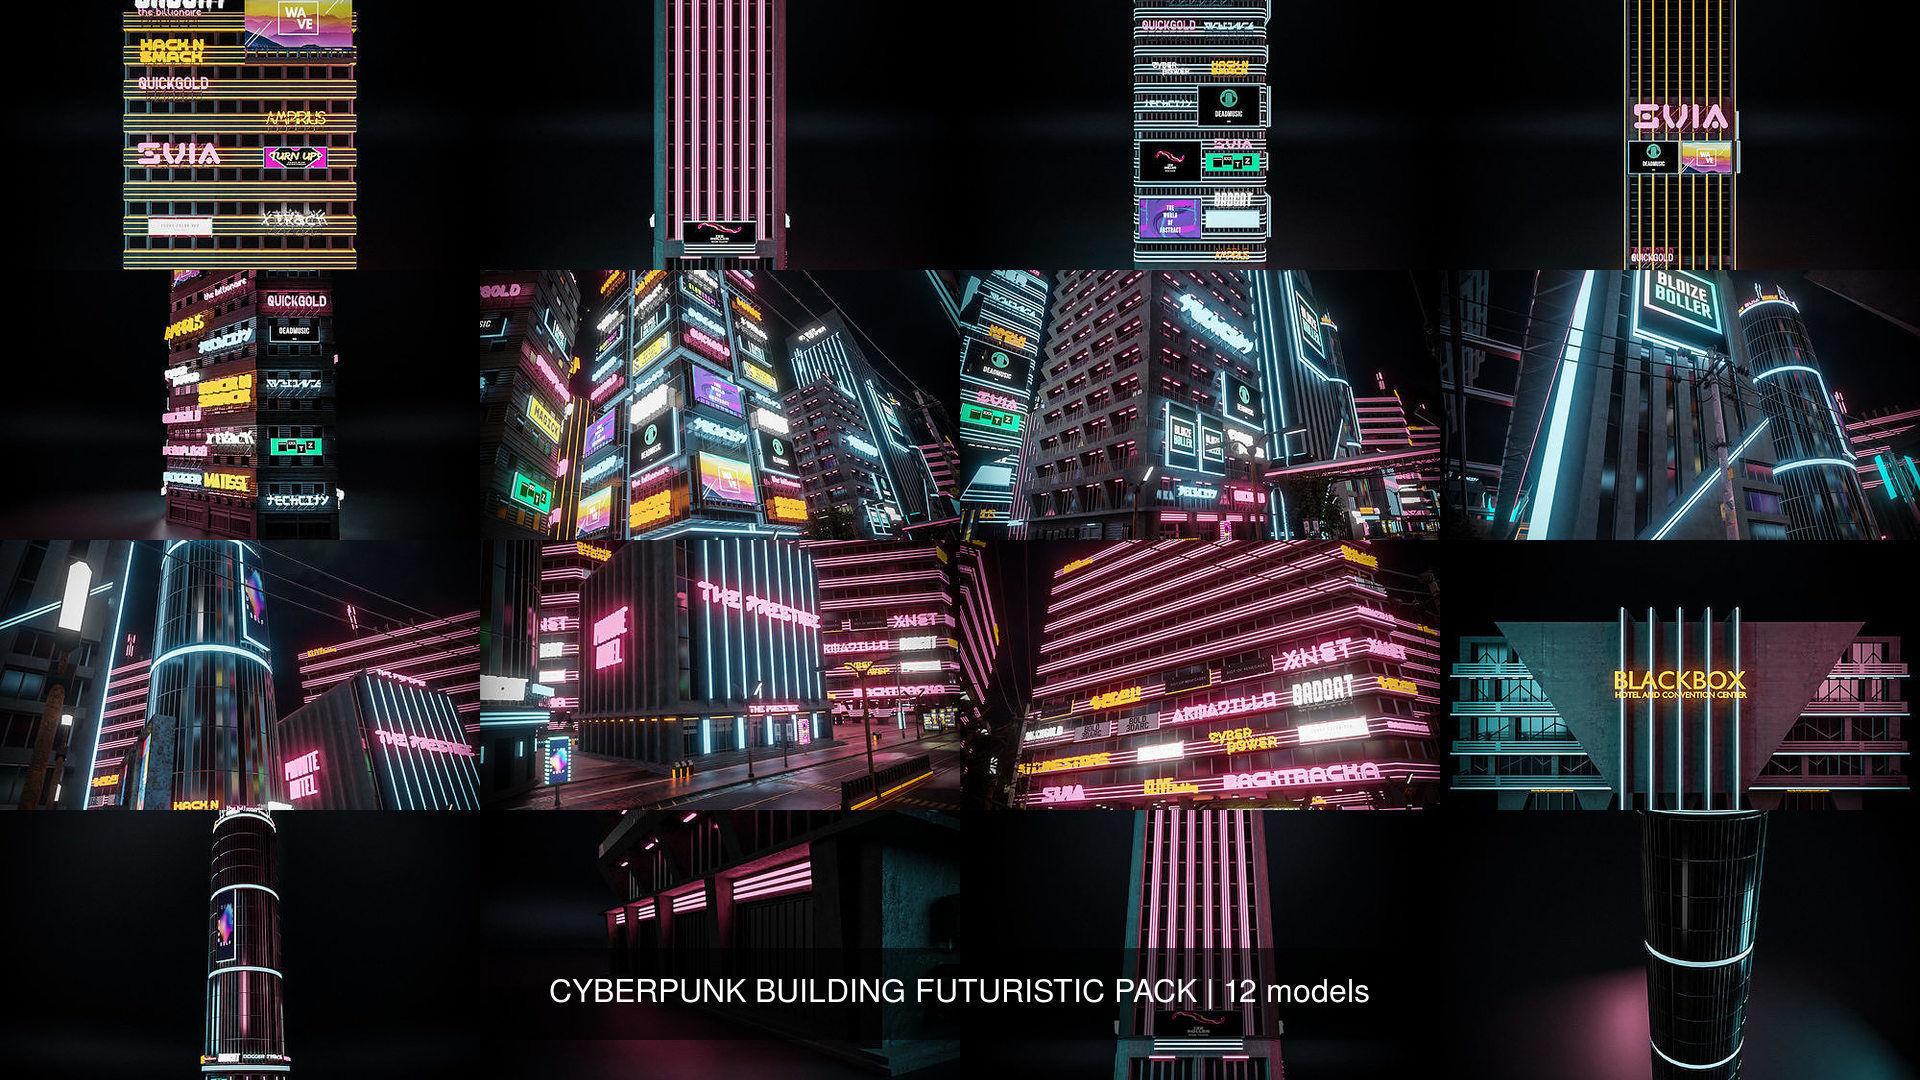 CYBERPUNK BUILDING FUTURISTIC PACK